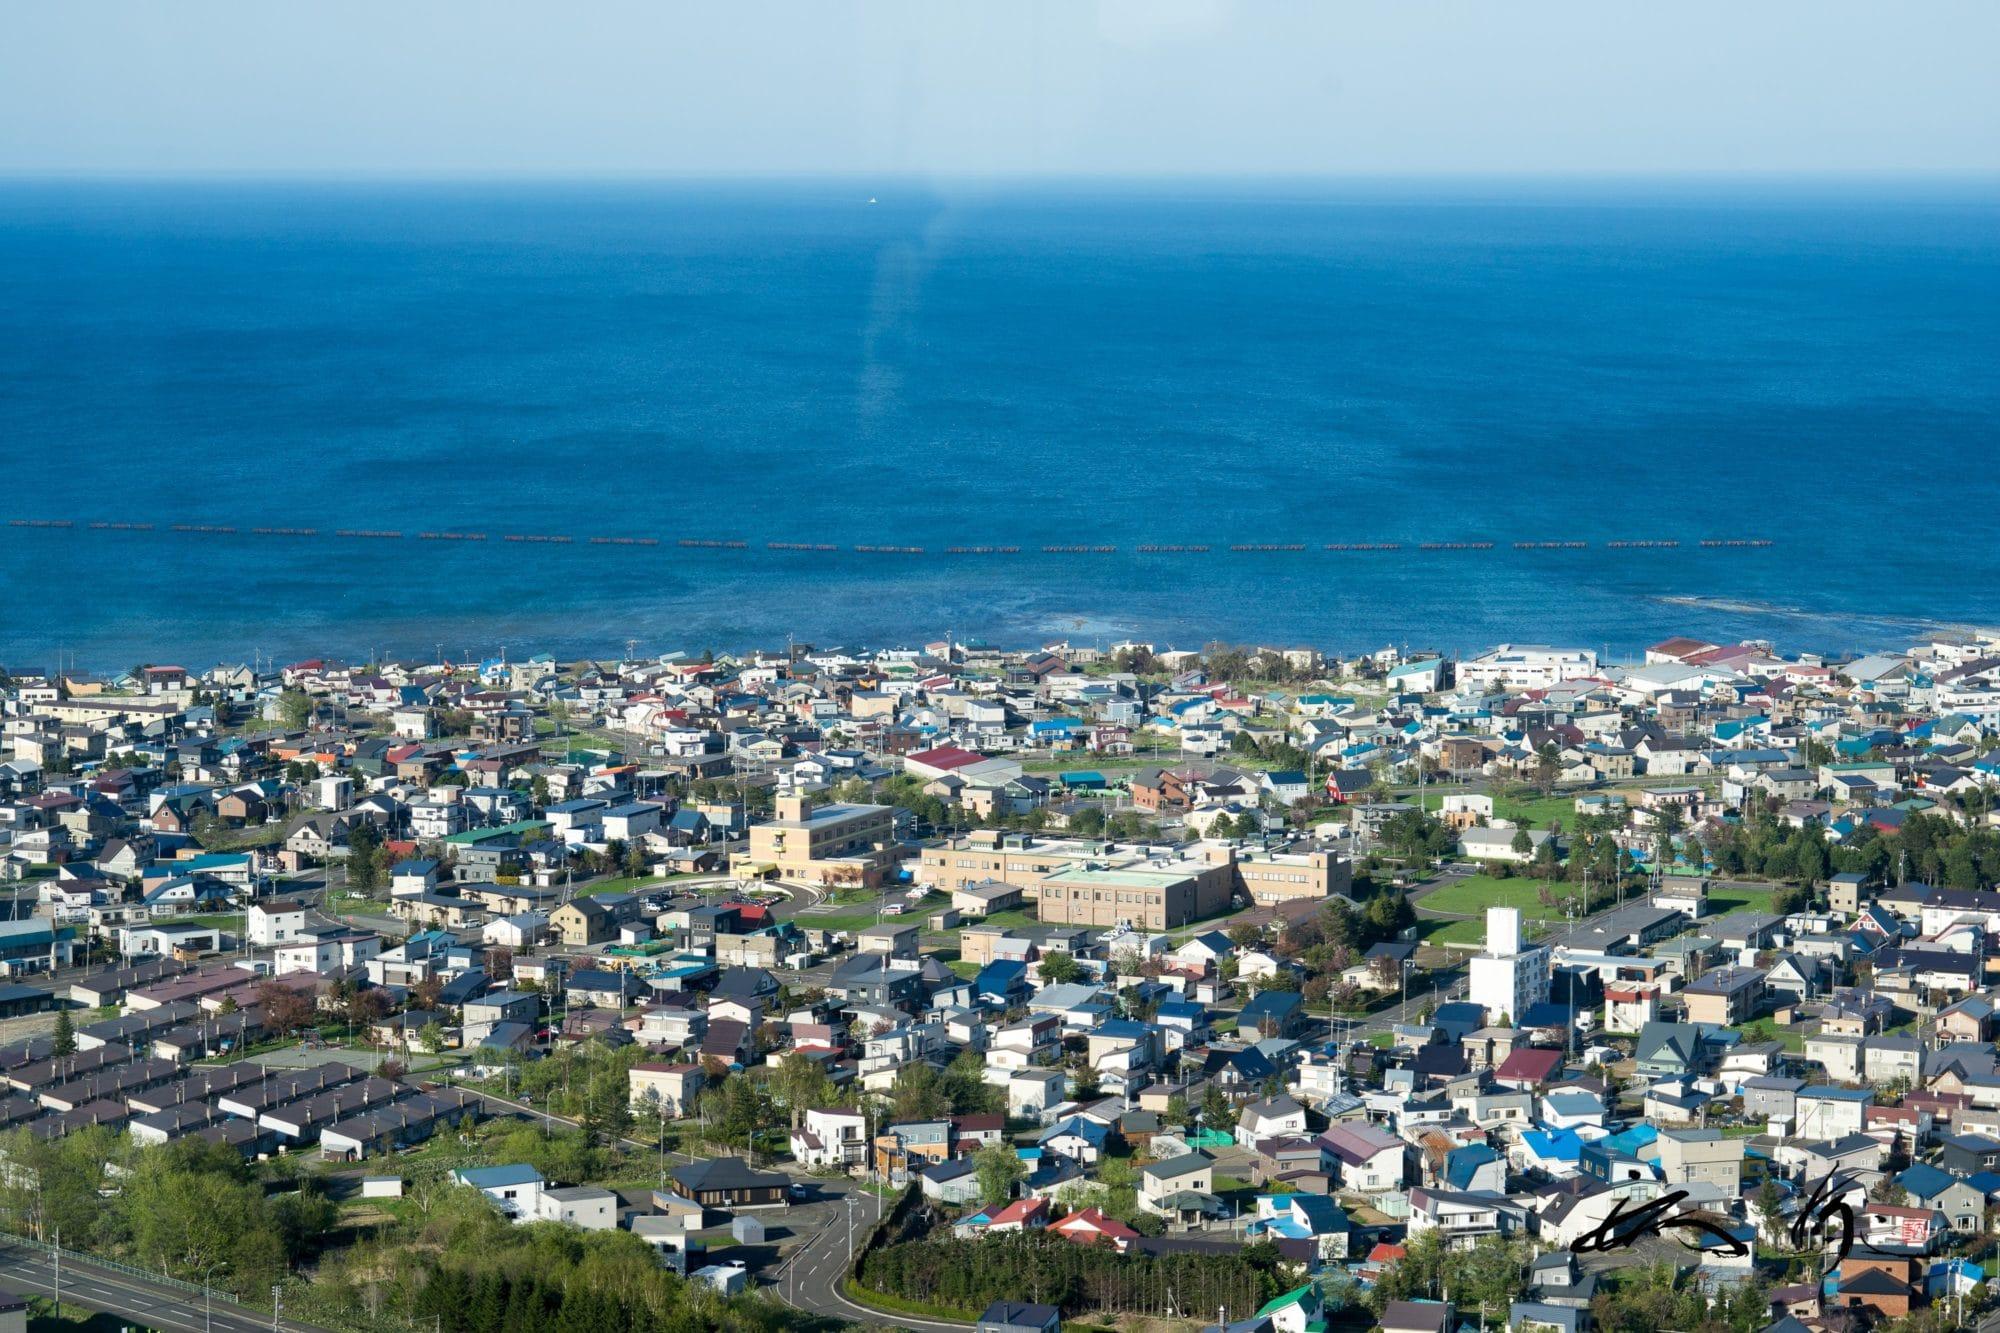 枝幸町【No.005】北海道179市町村巡り・春